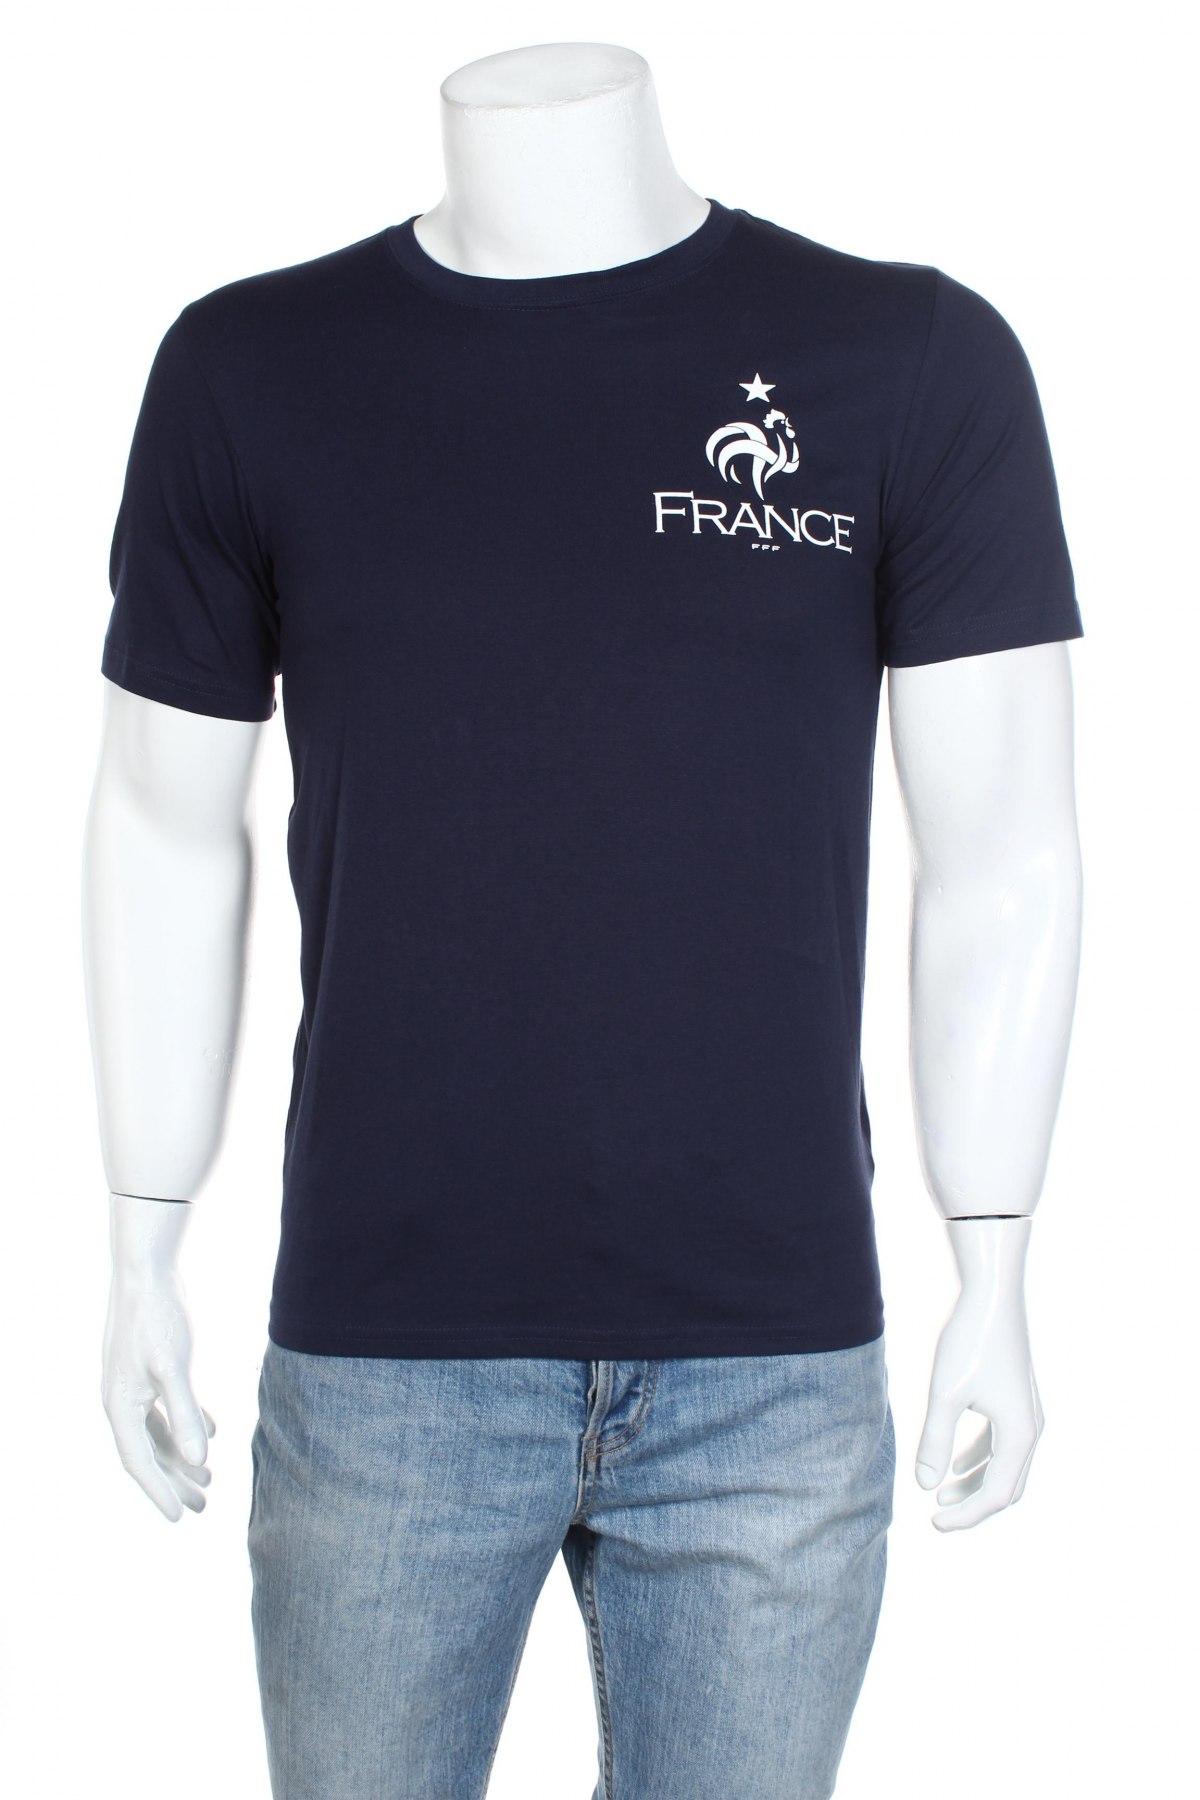 Мъжка тениска FFF France, Размер S, Цвят Син, Памук, Цена 15,60лв.